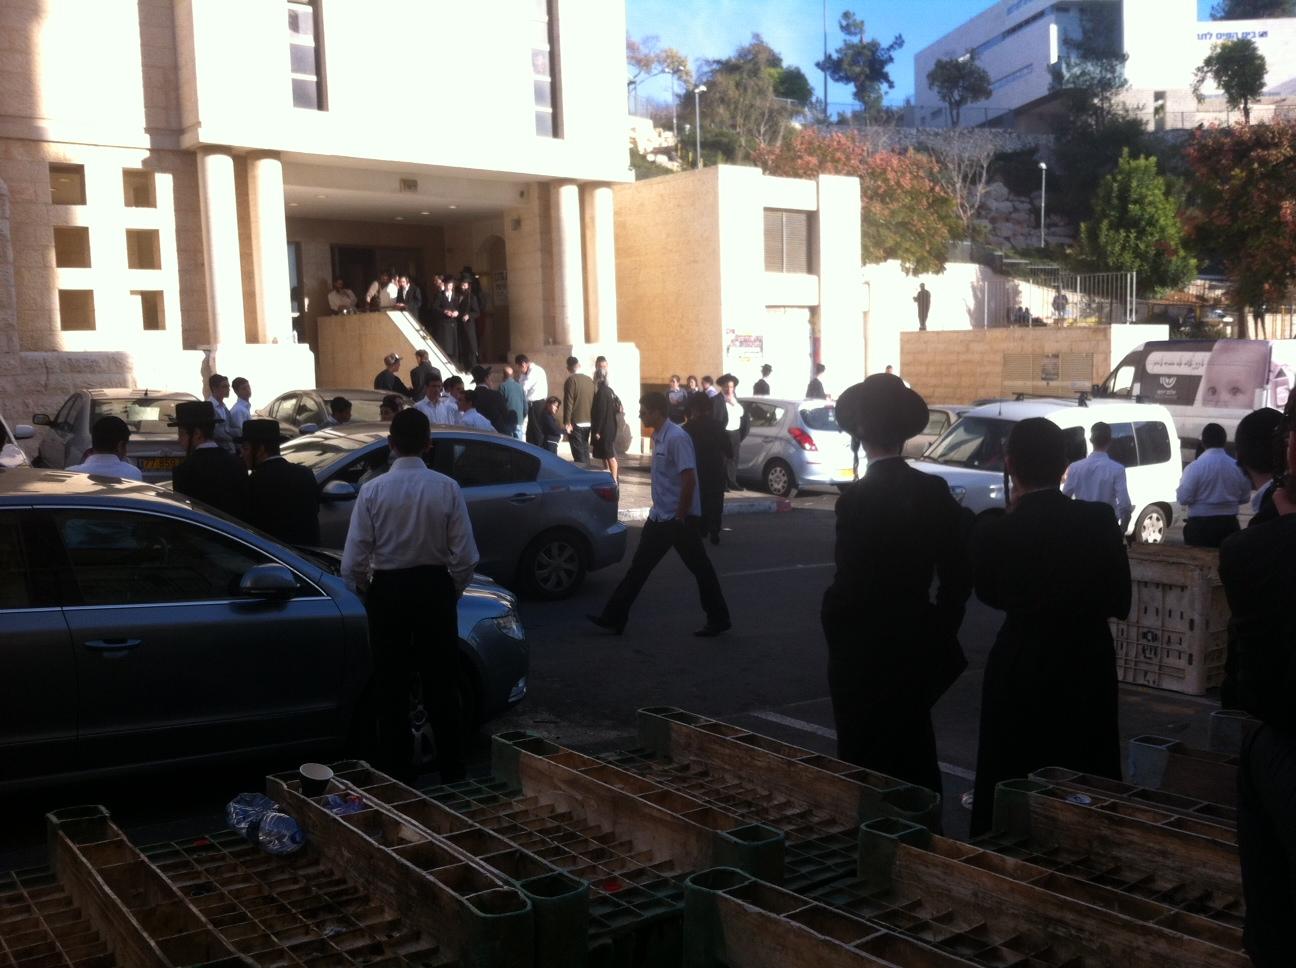 har nof jerusalem synagogue terrorist attack